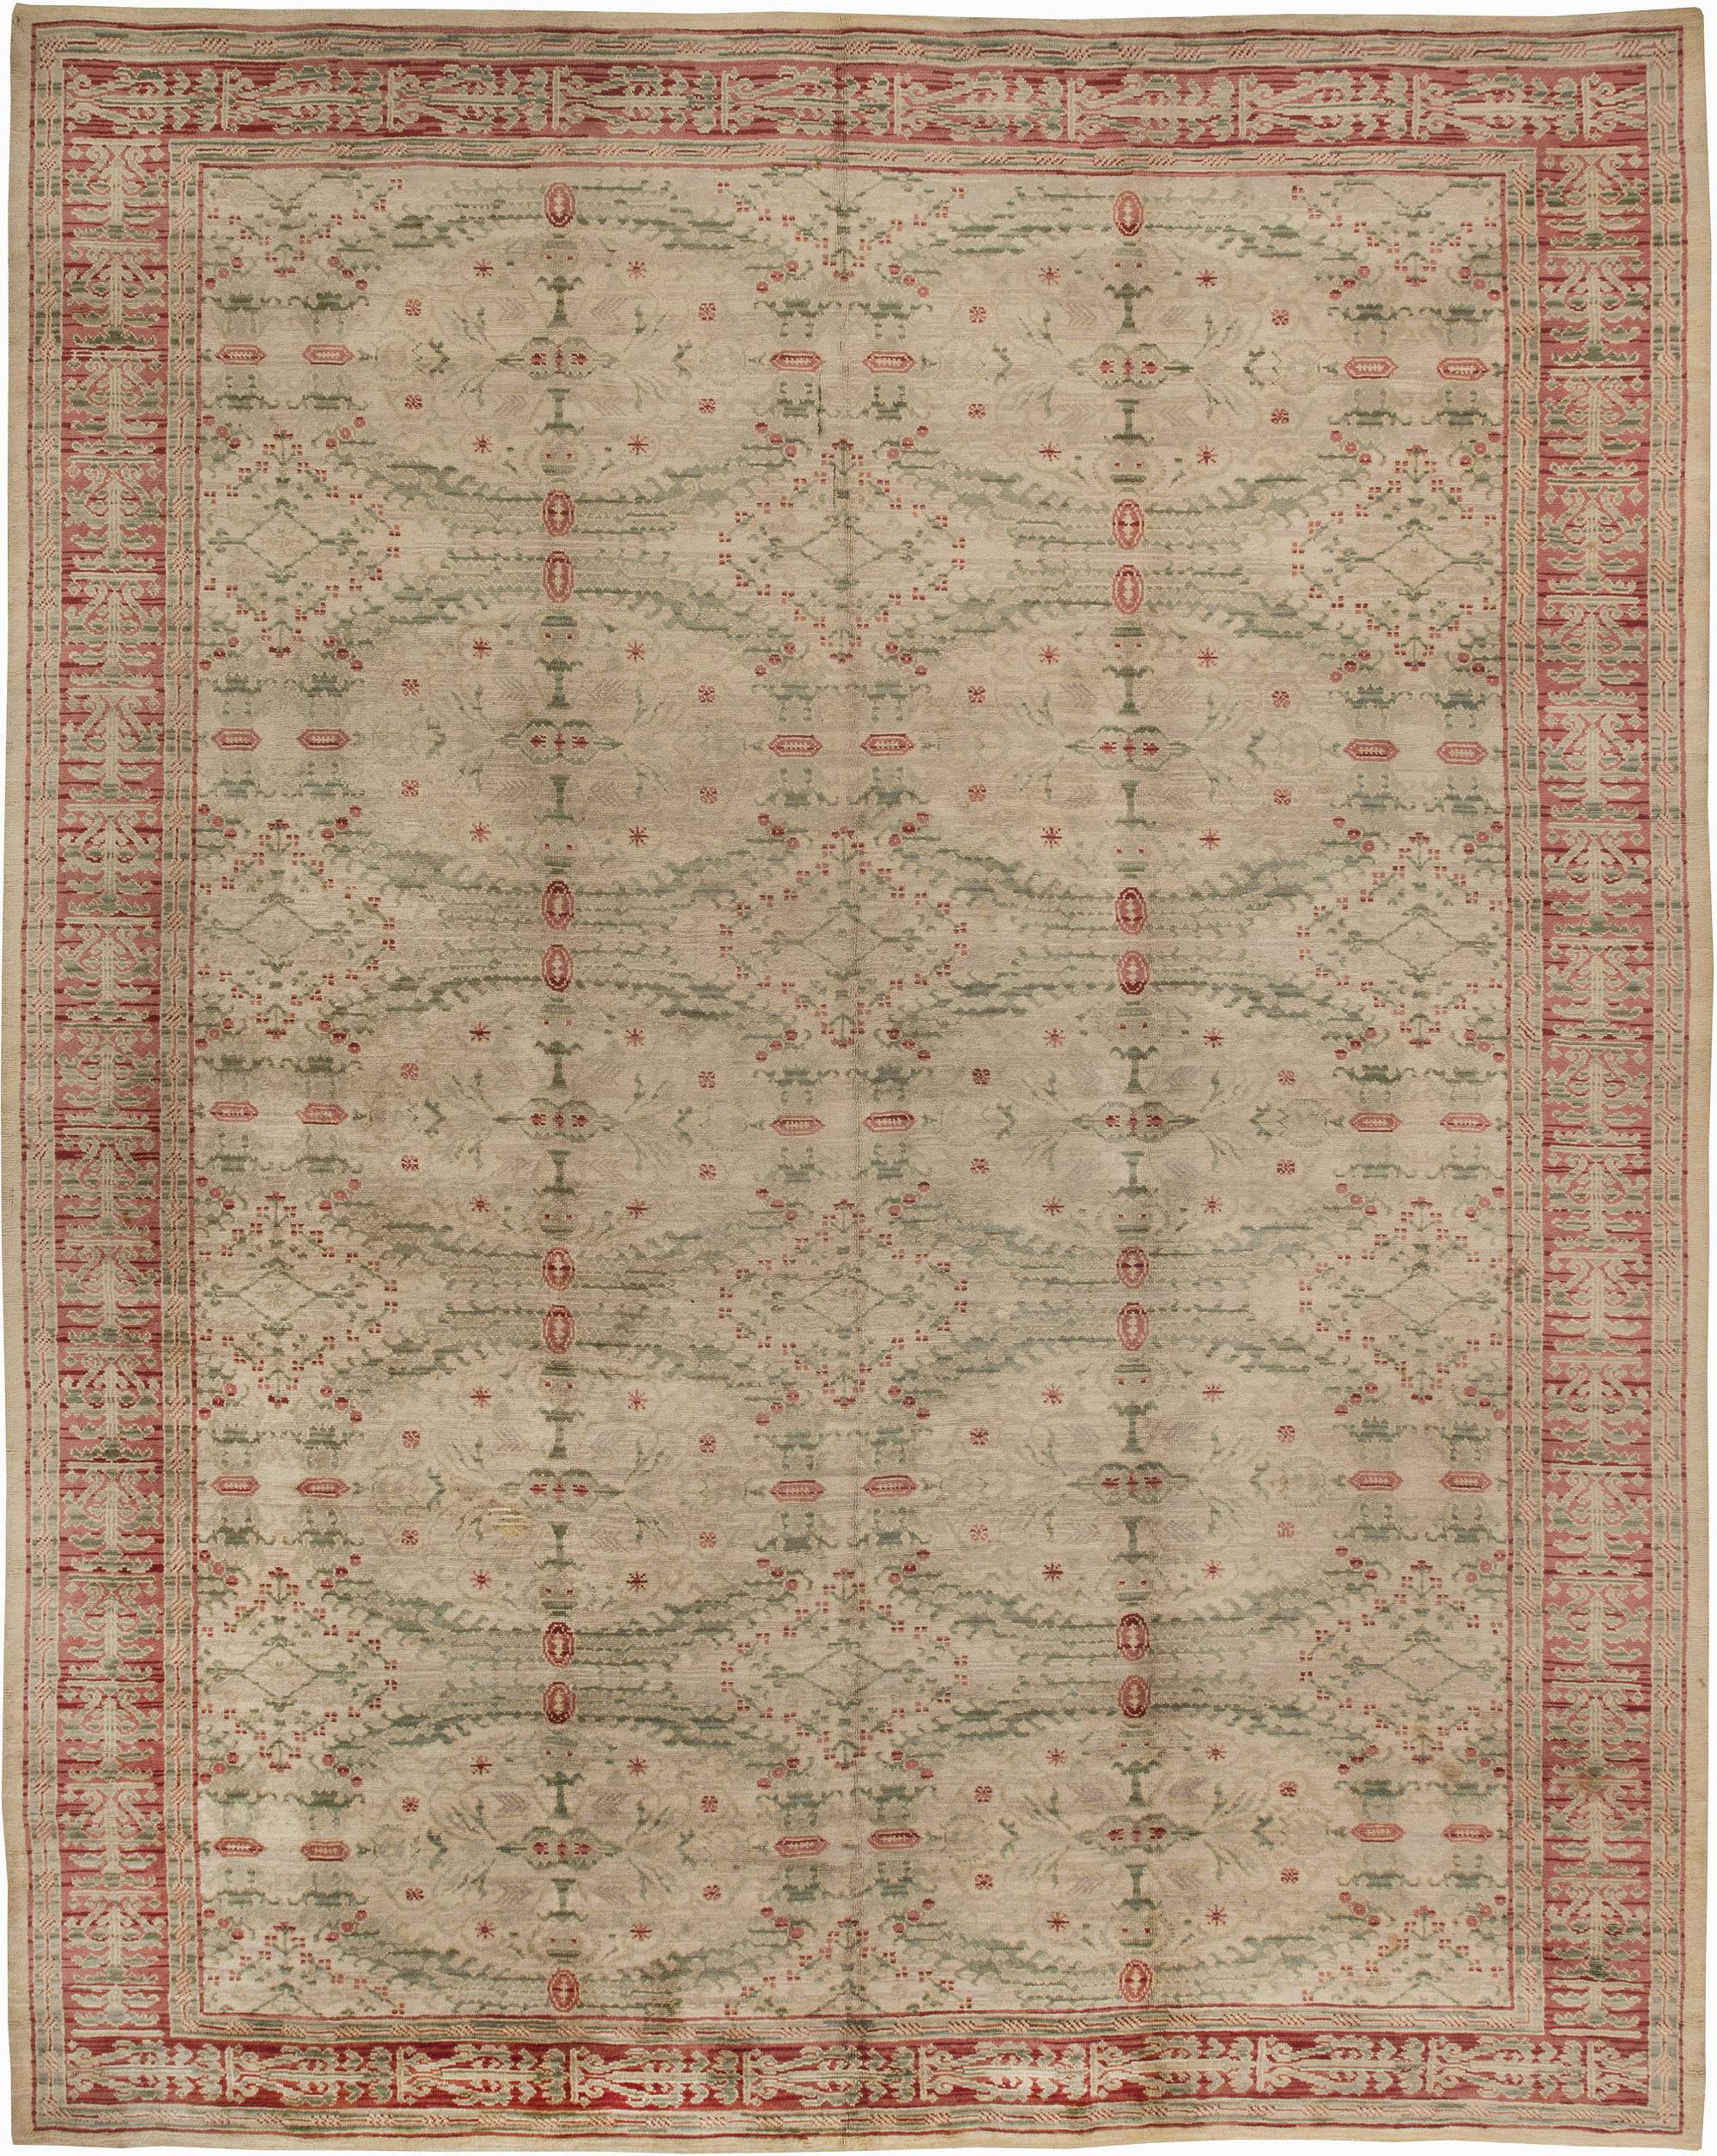 Vintage Spanish Carpet (size adjusted) BB2525